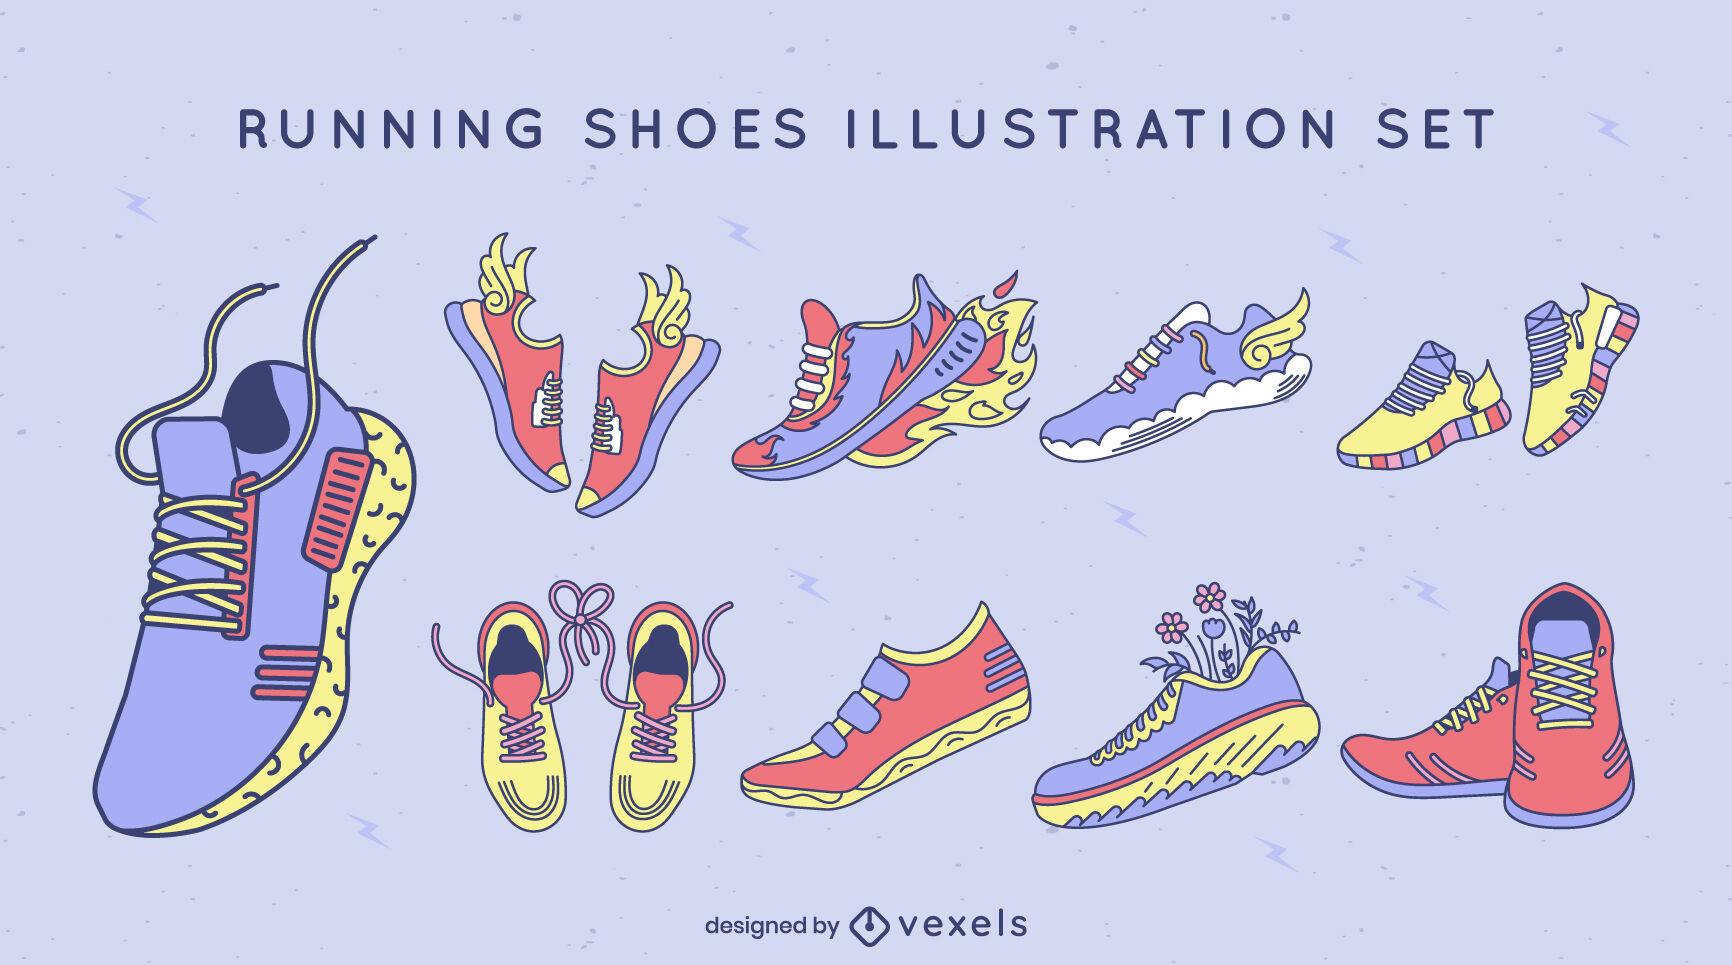 Los zapatos para correr establecen trazo de color